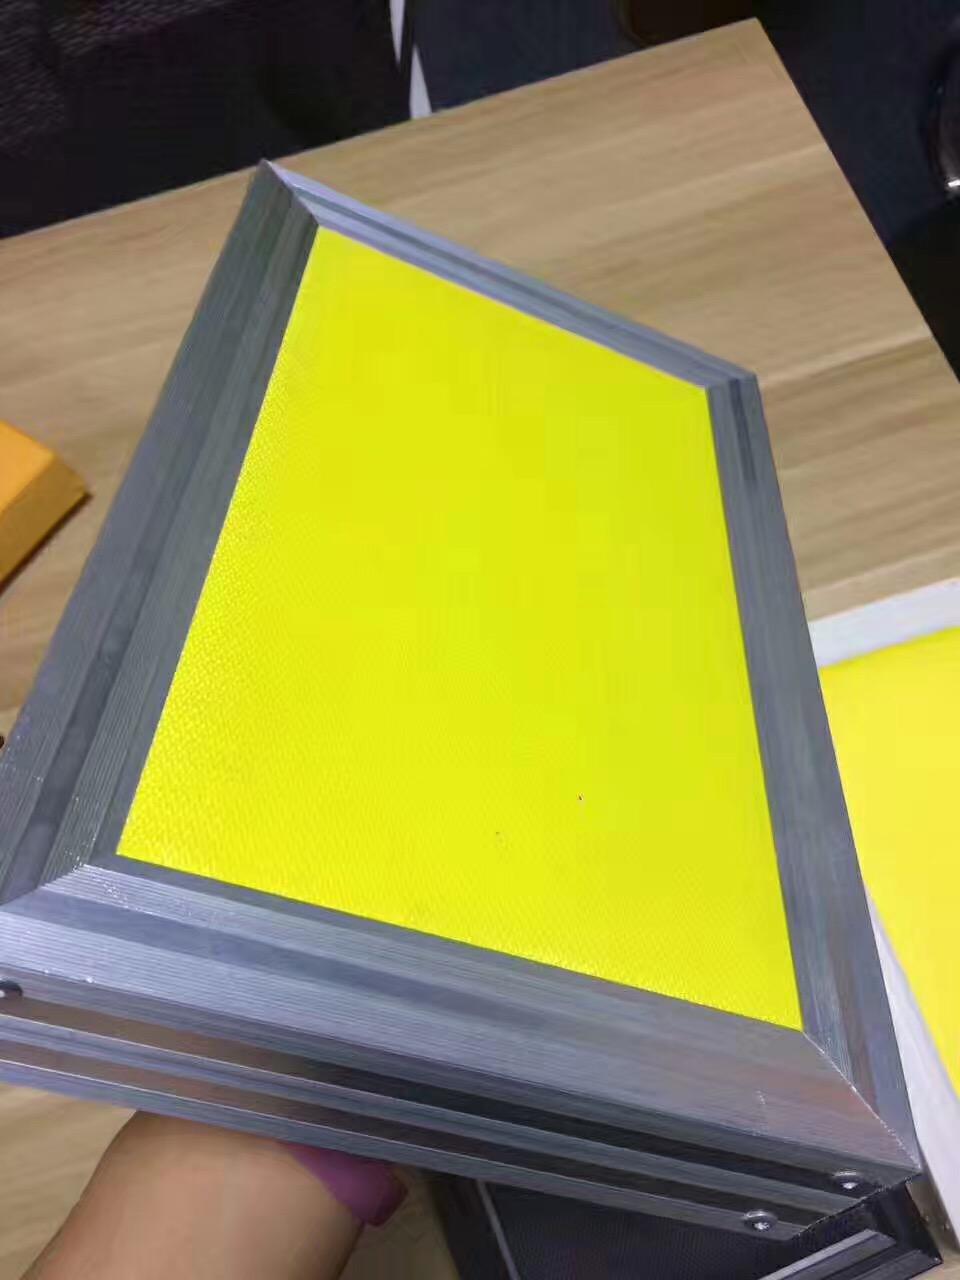 铝制穿孔 黄色 空间吸声体